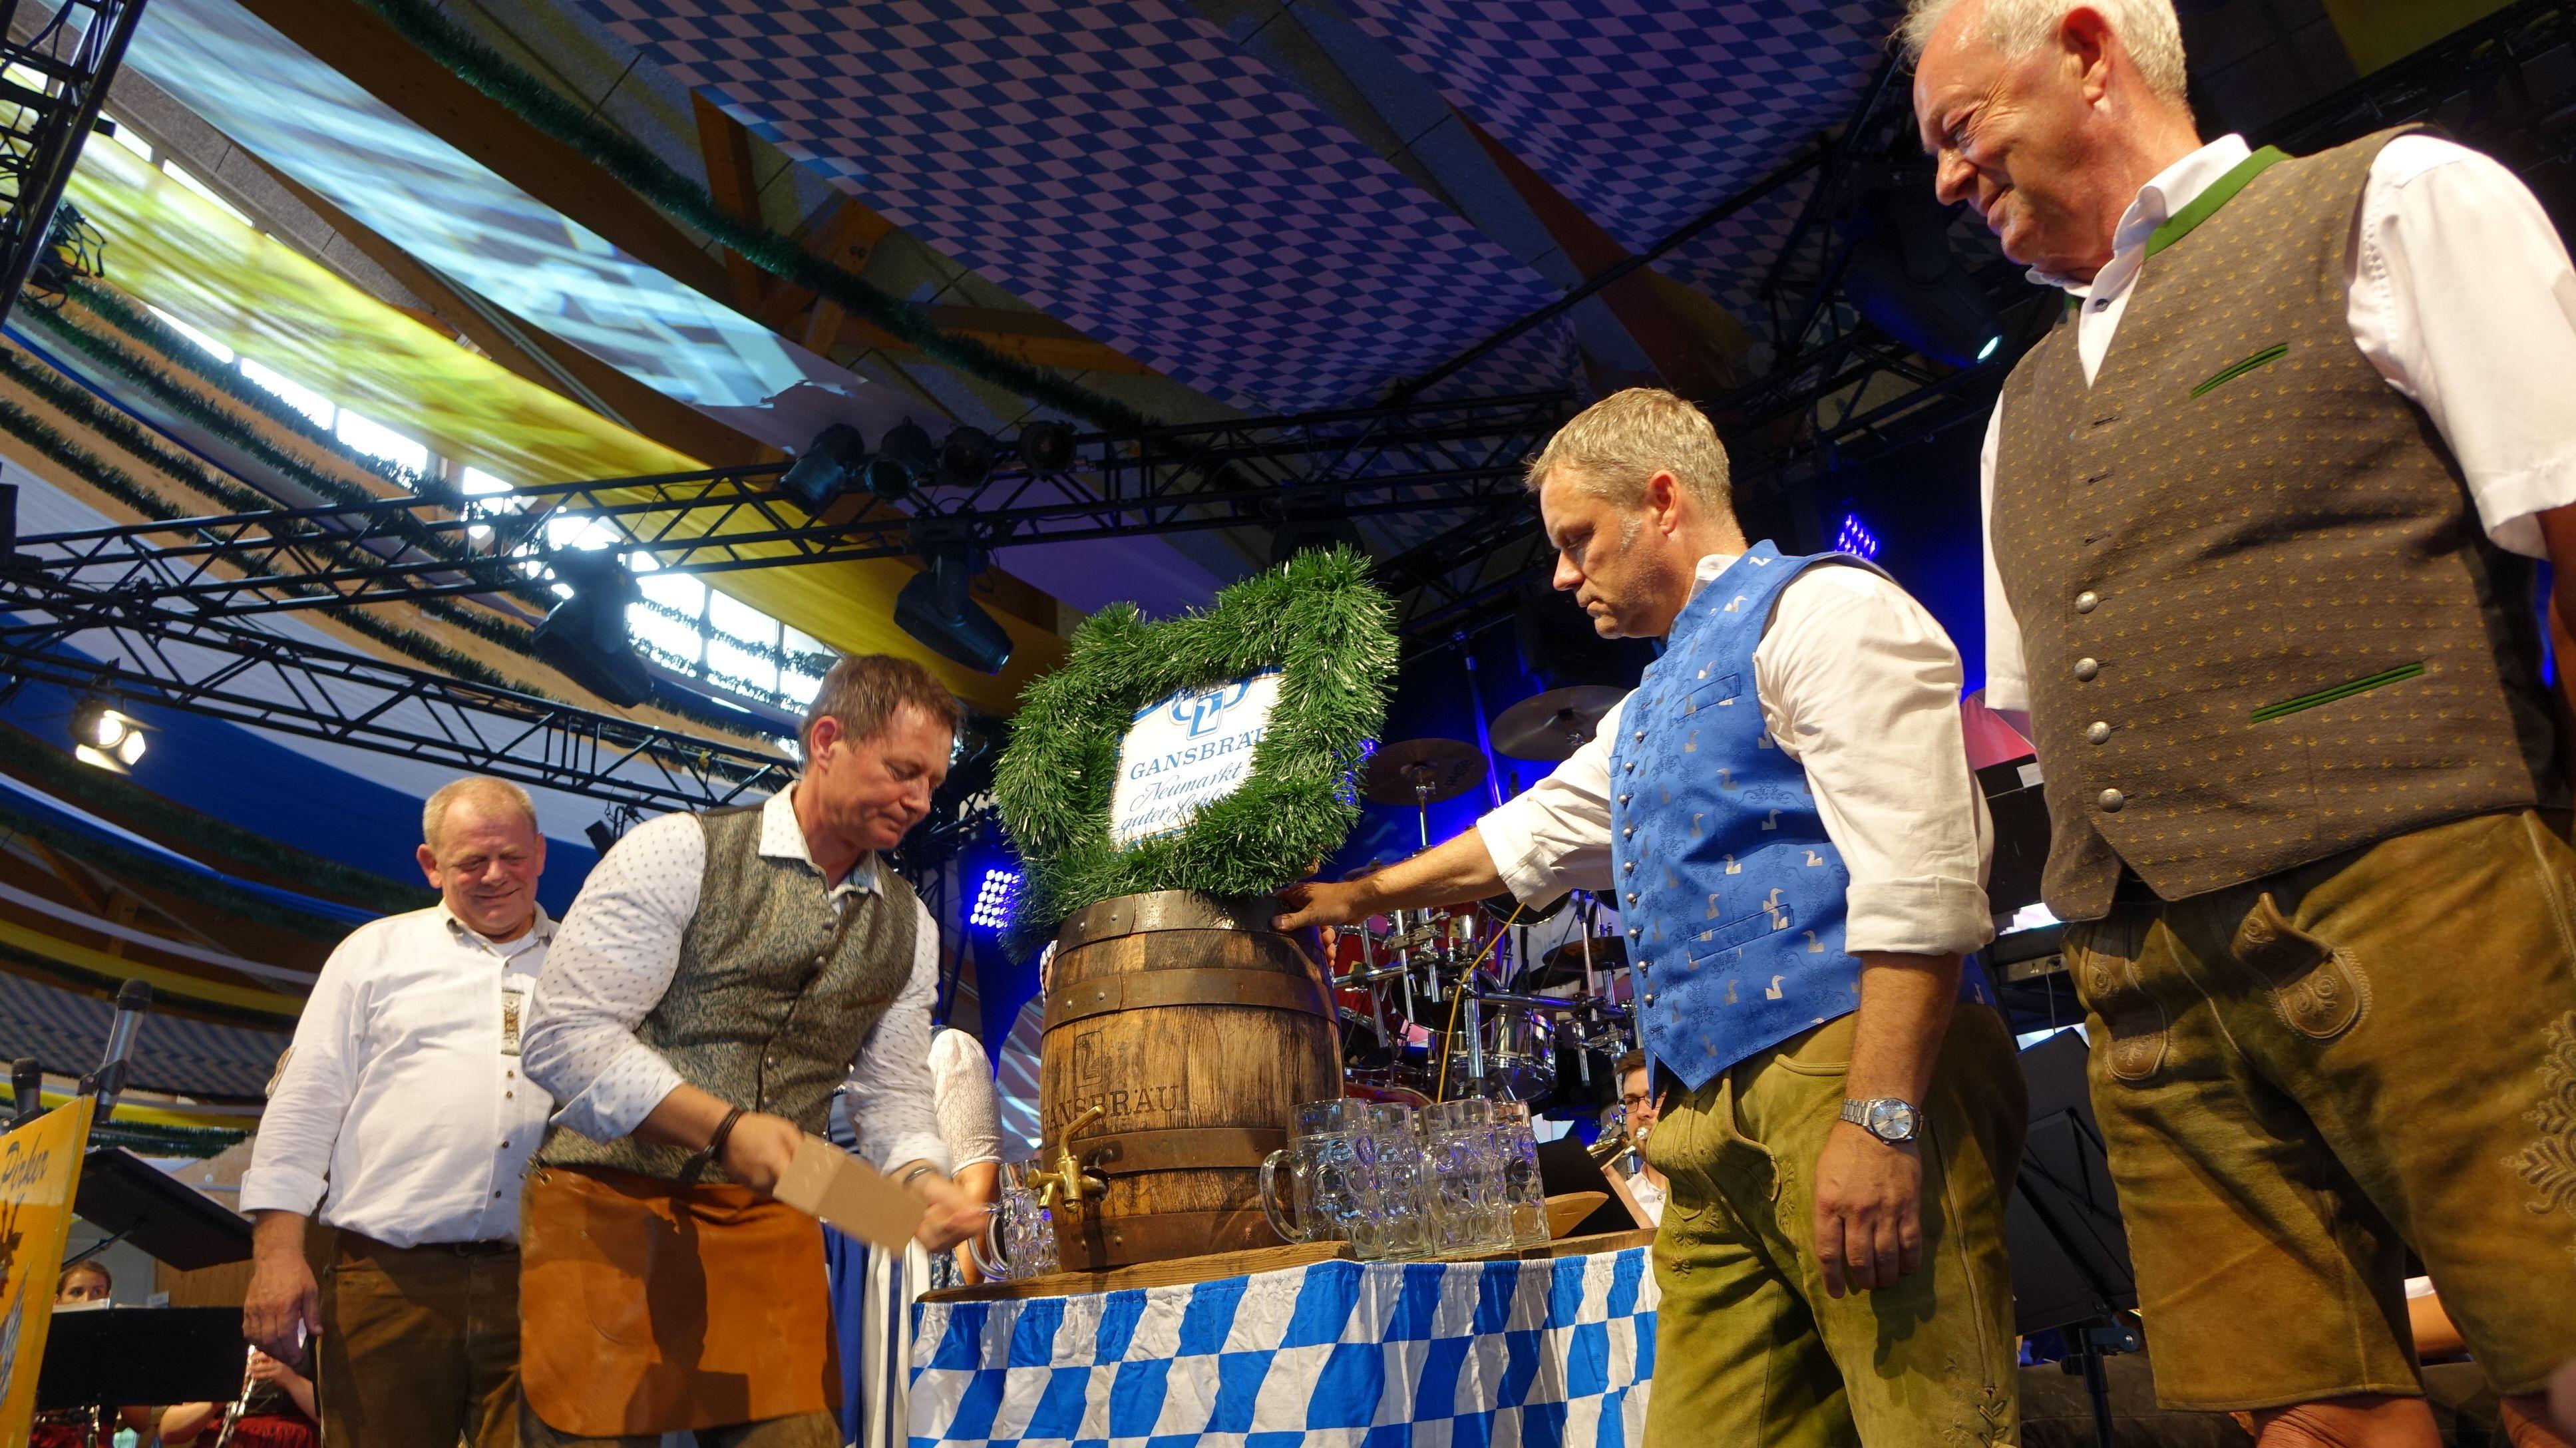 Oberbürgermeister Thomas Thumann hat am Freitag mit drei Schlägen das erste Faß Bier offiziell angestochen.